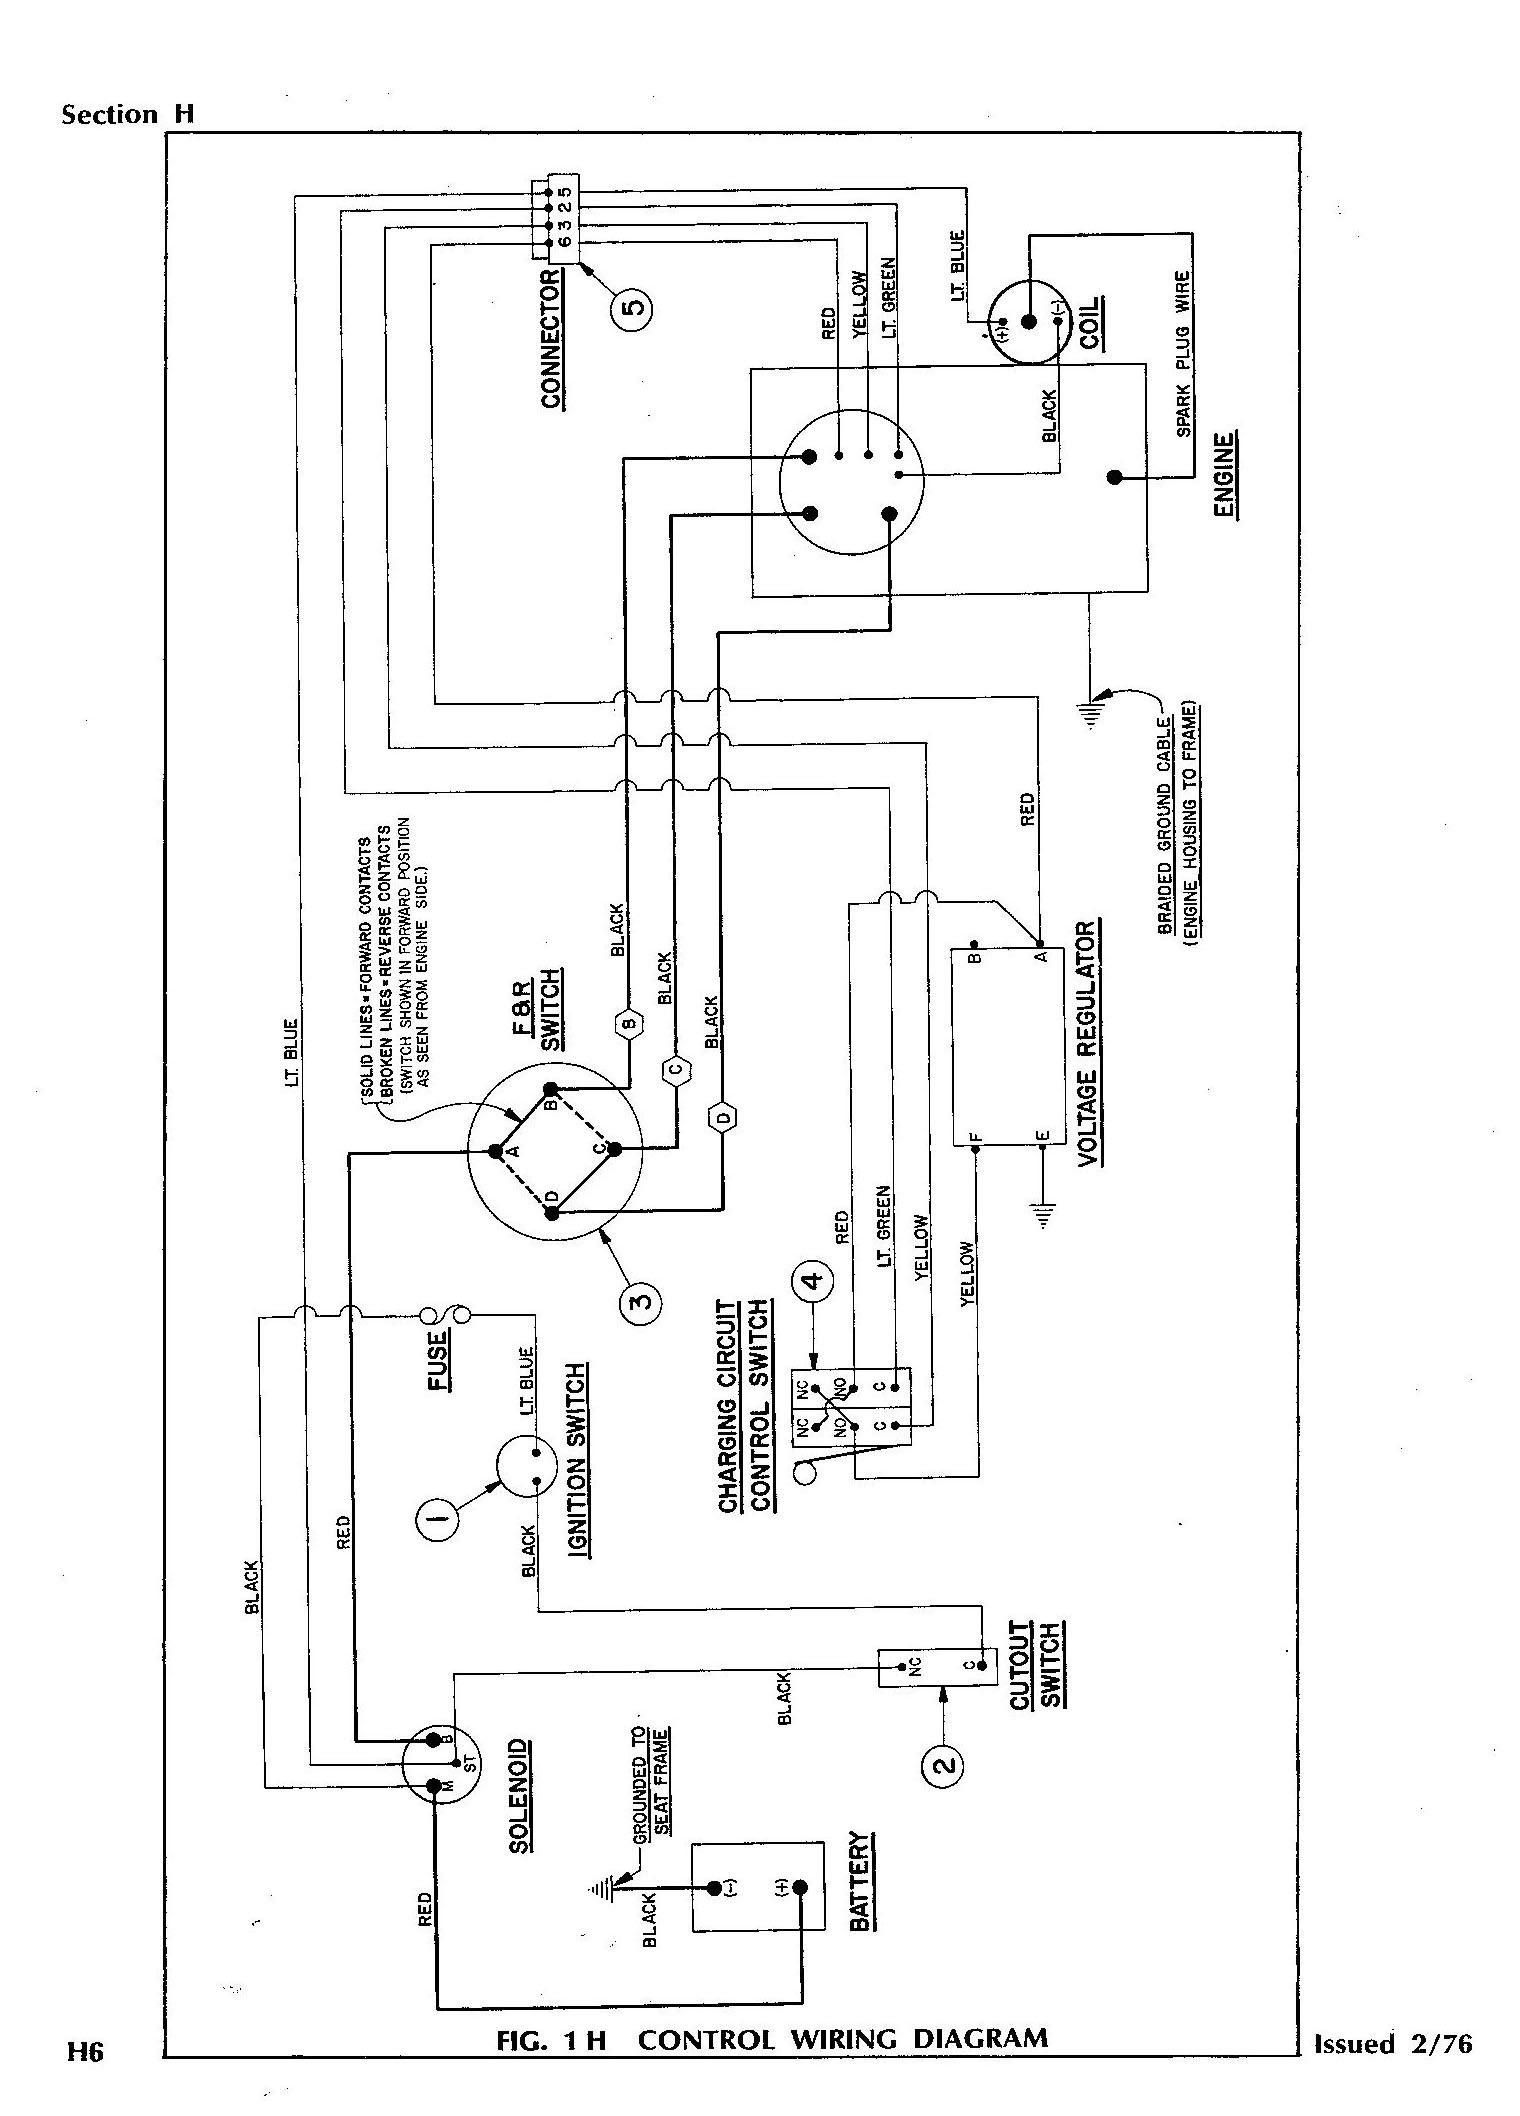 Ezgo 1989 Gas Engine Wiring 2006 Ezgo Txt Gas Wiring Diagram Directional Lights Wiring Of Ezgo 1989 Gas Engine Wiring